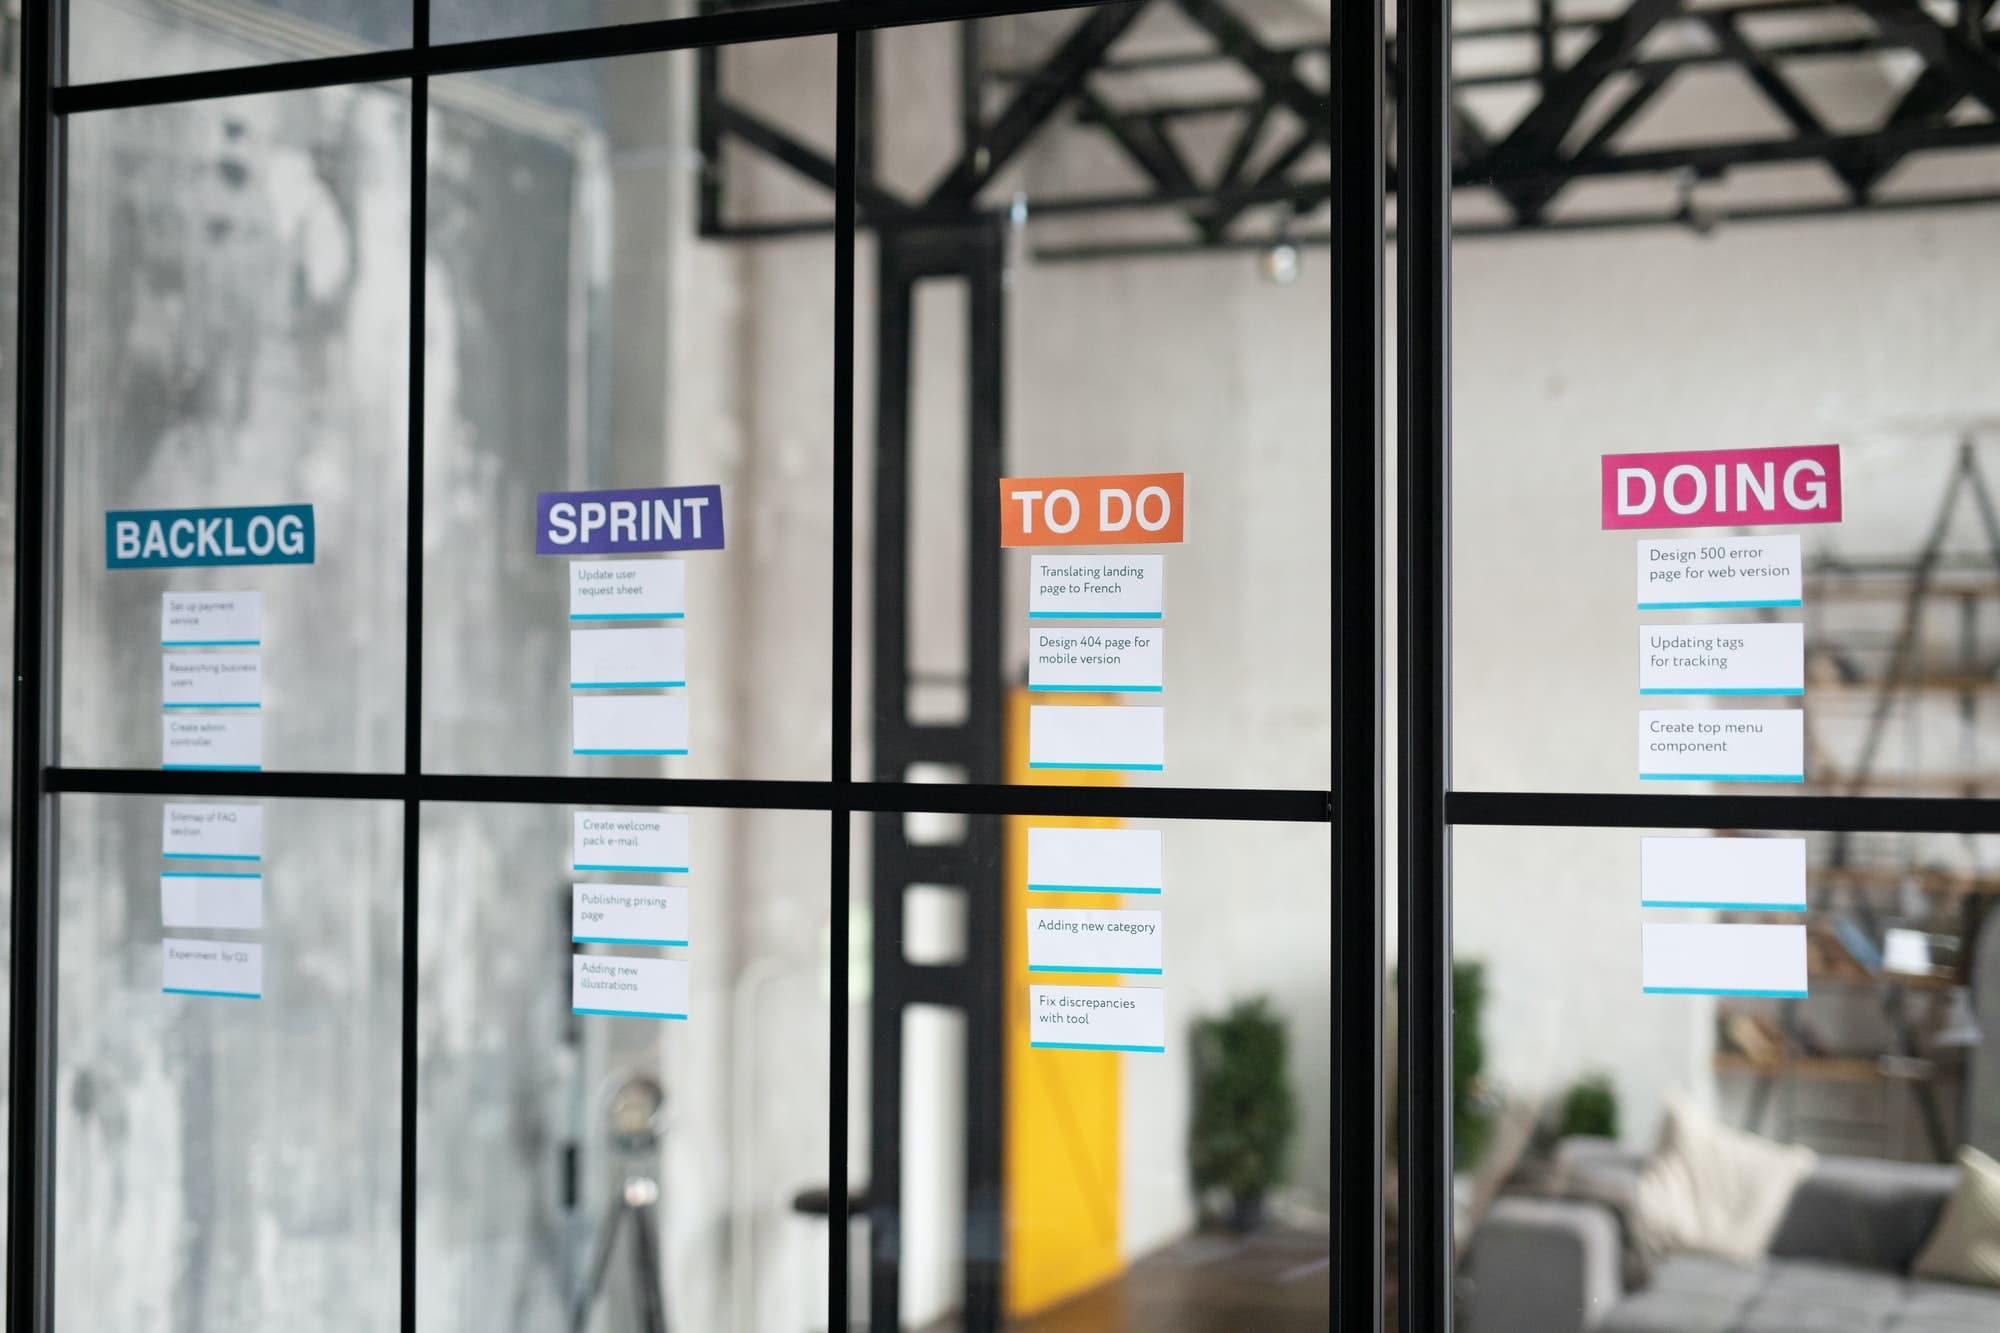 Planning Board in Office